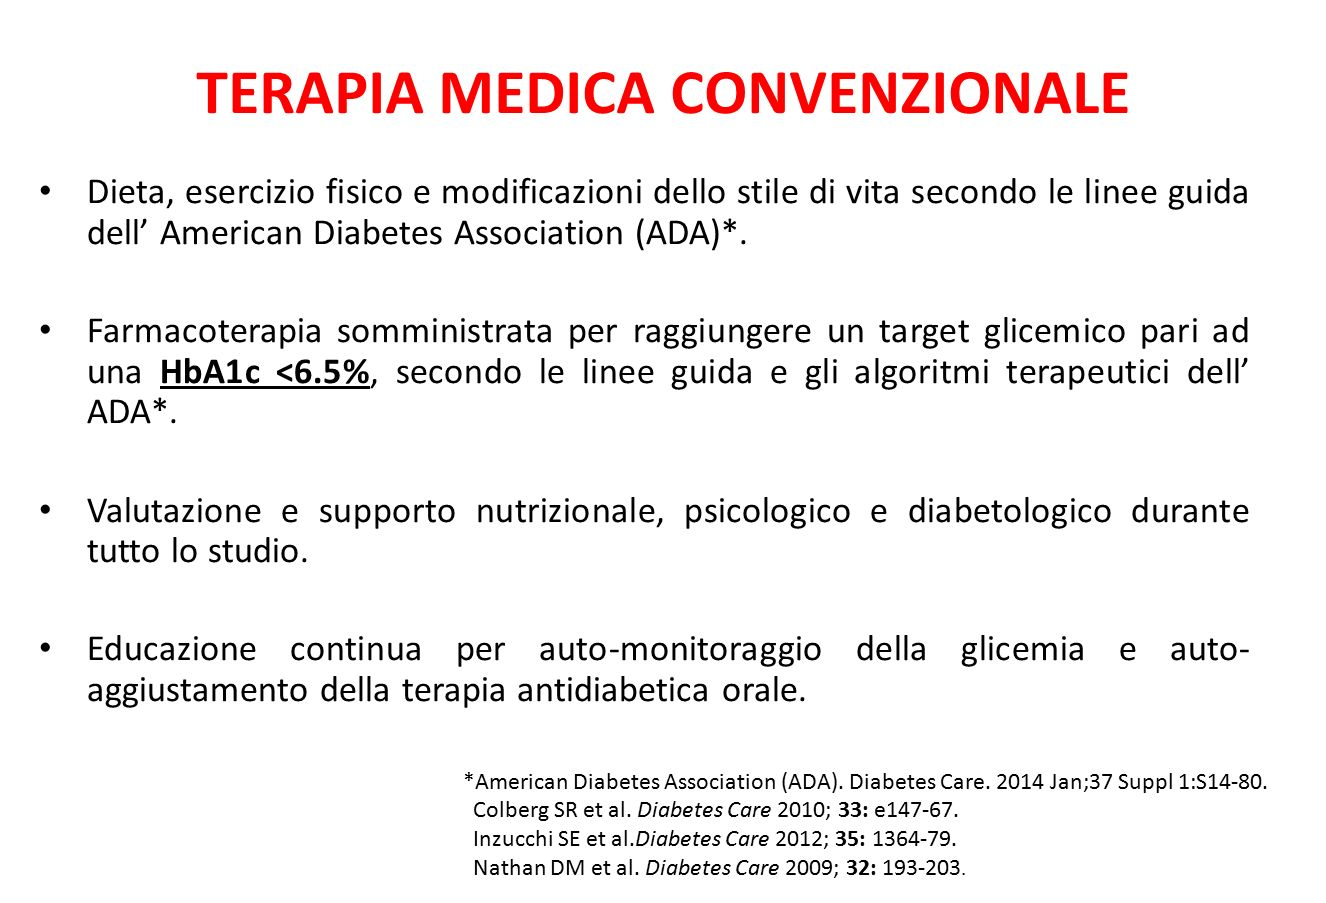 TERAPIA MEDICA CONVENZIONALE